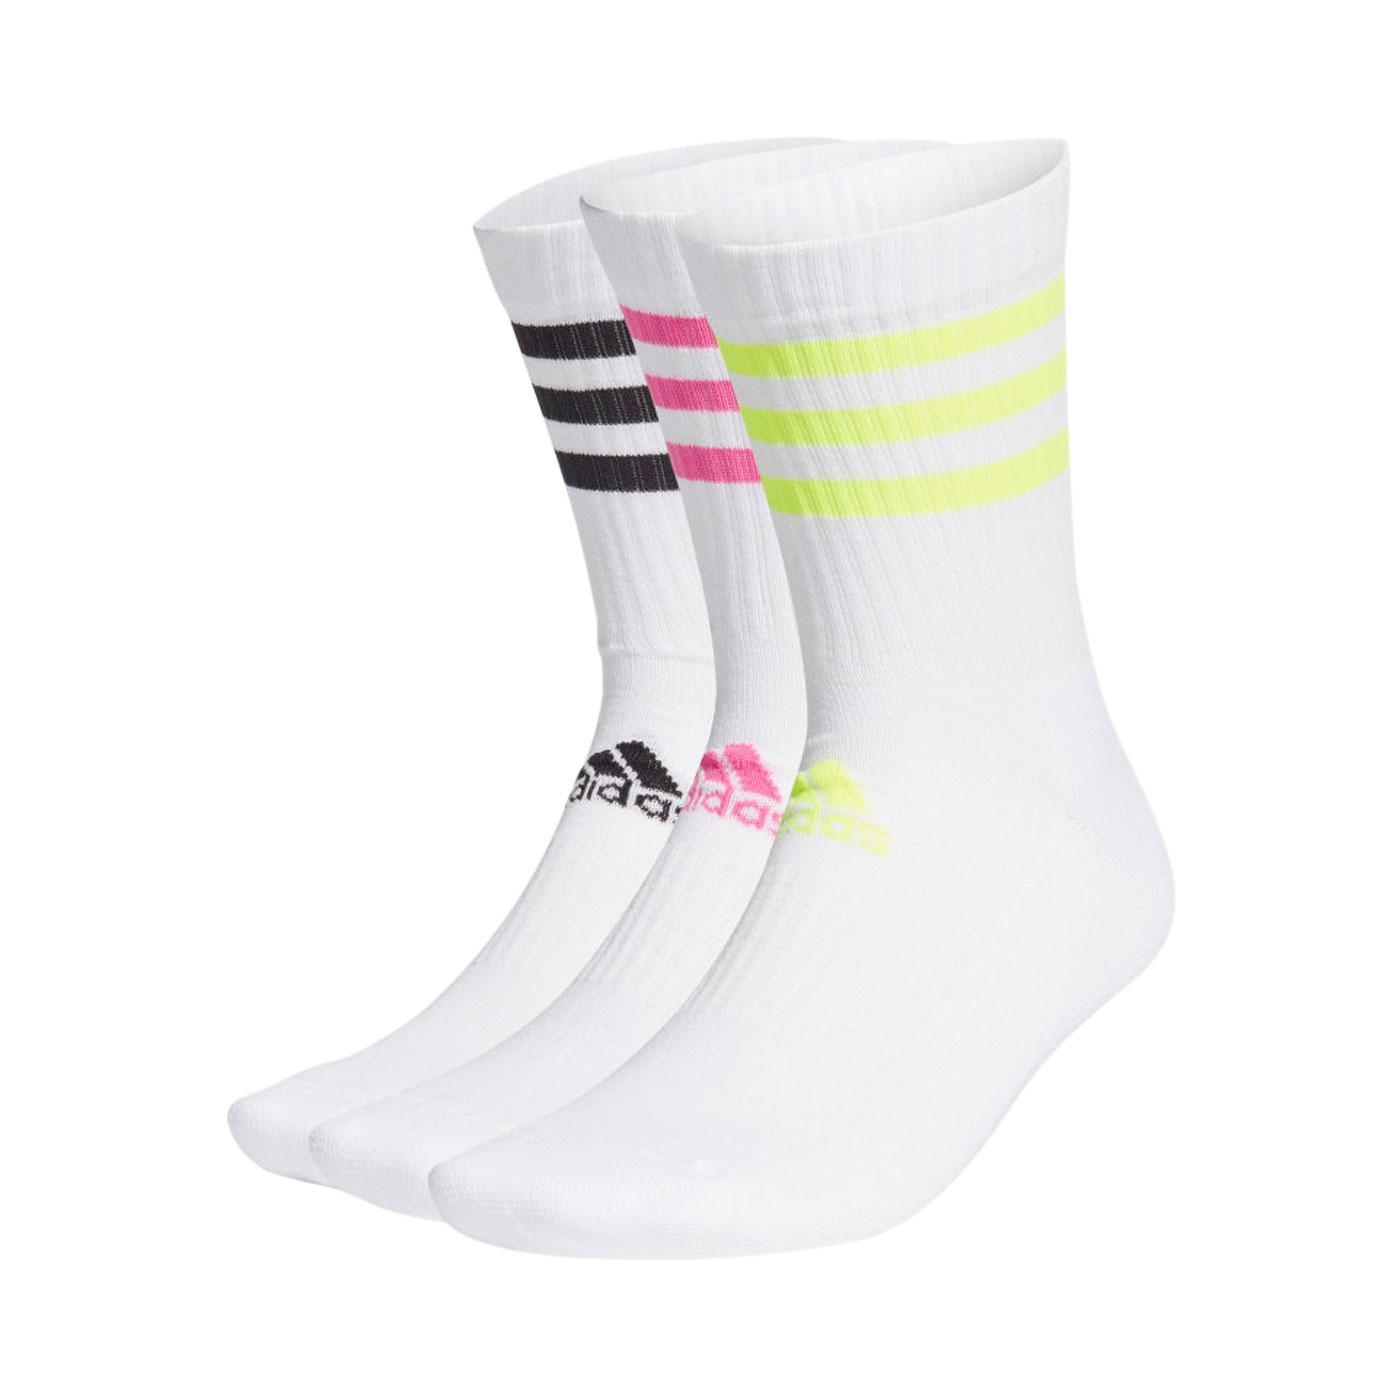 ADIDAS 襪子(三雙入) GQ5979 - 白黑粉綠